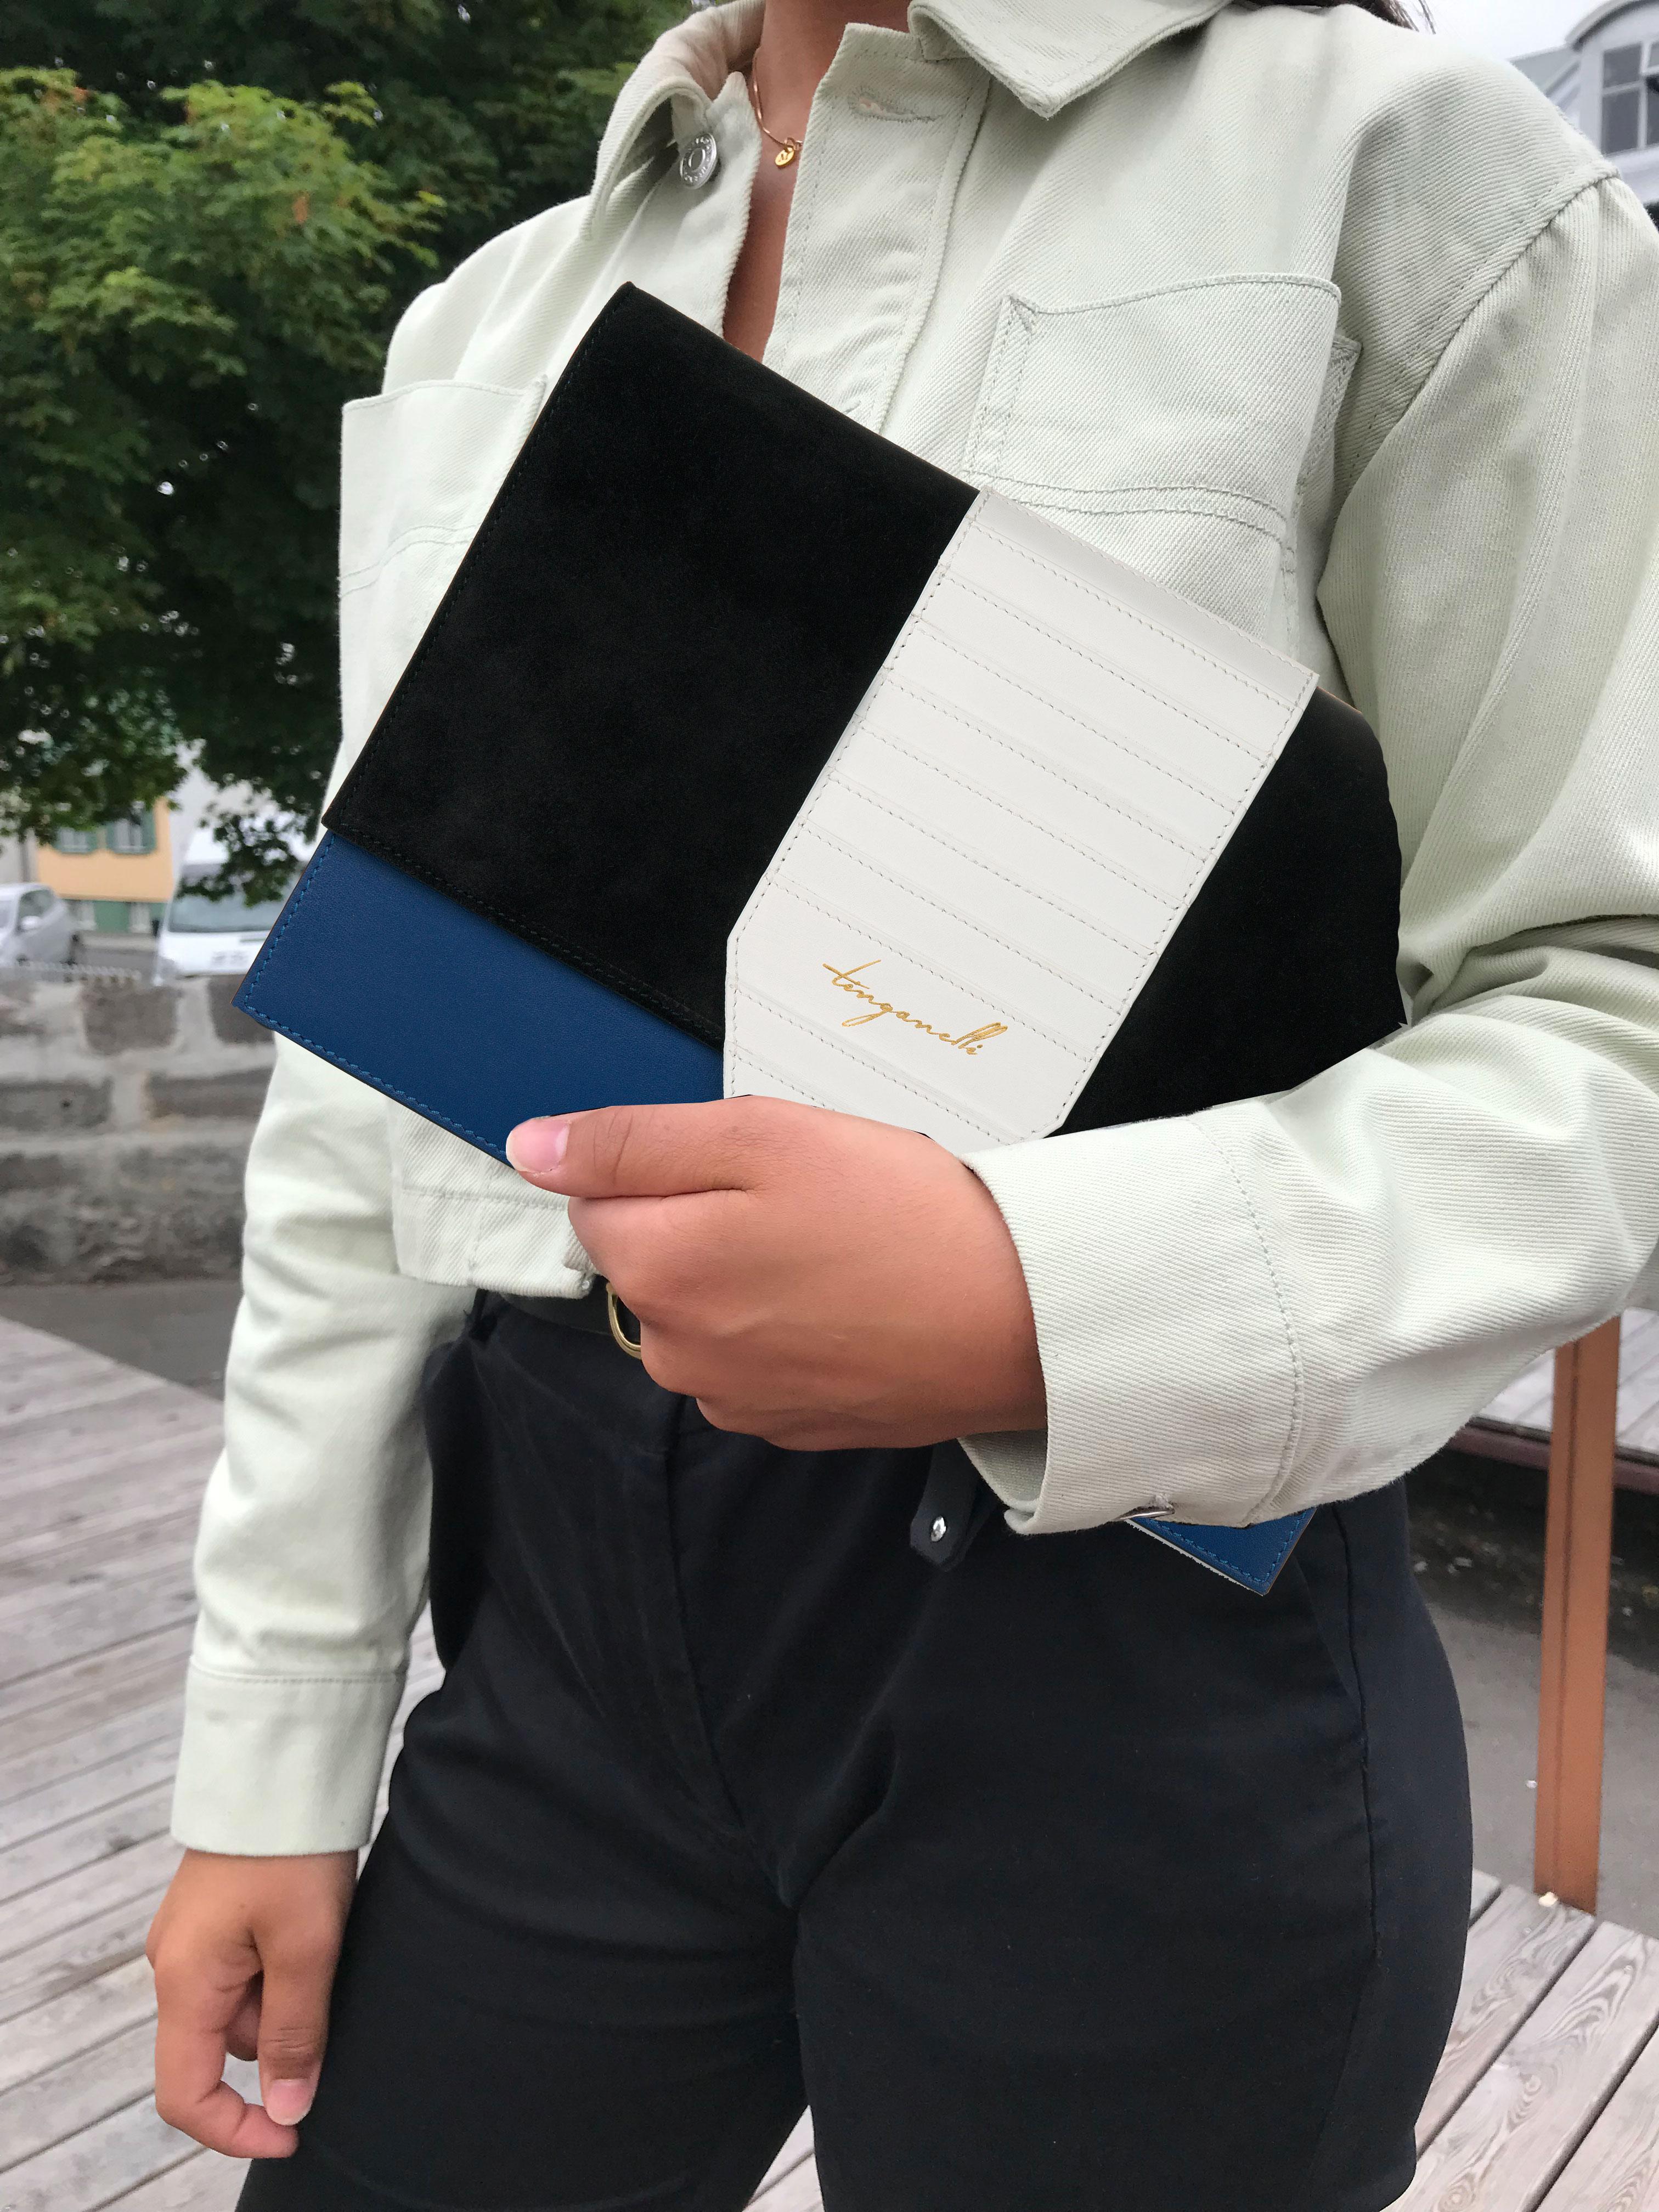 Valkyrja handbag